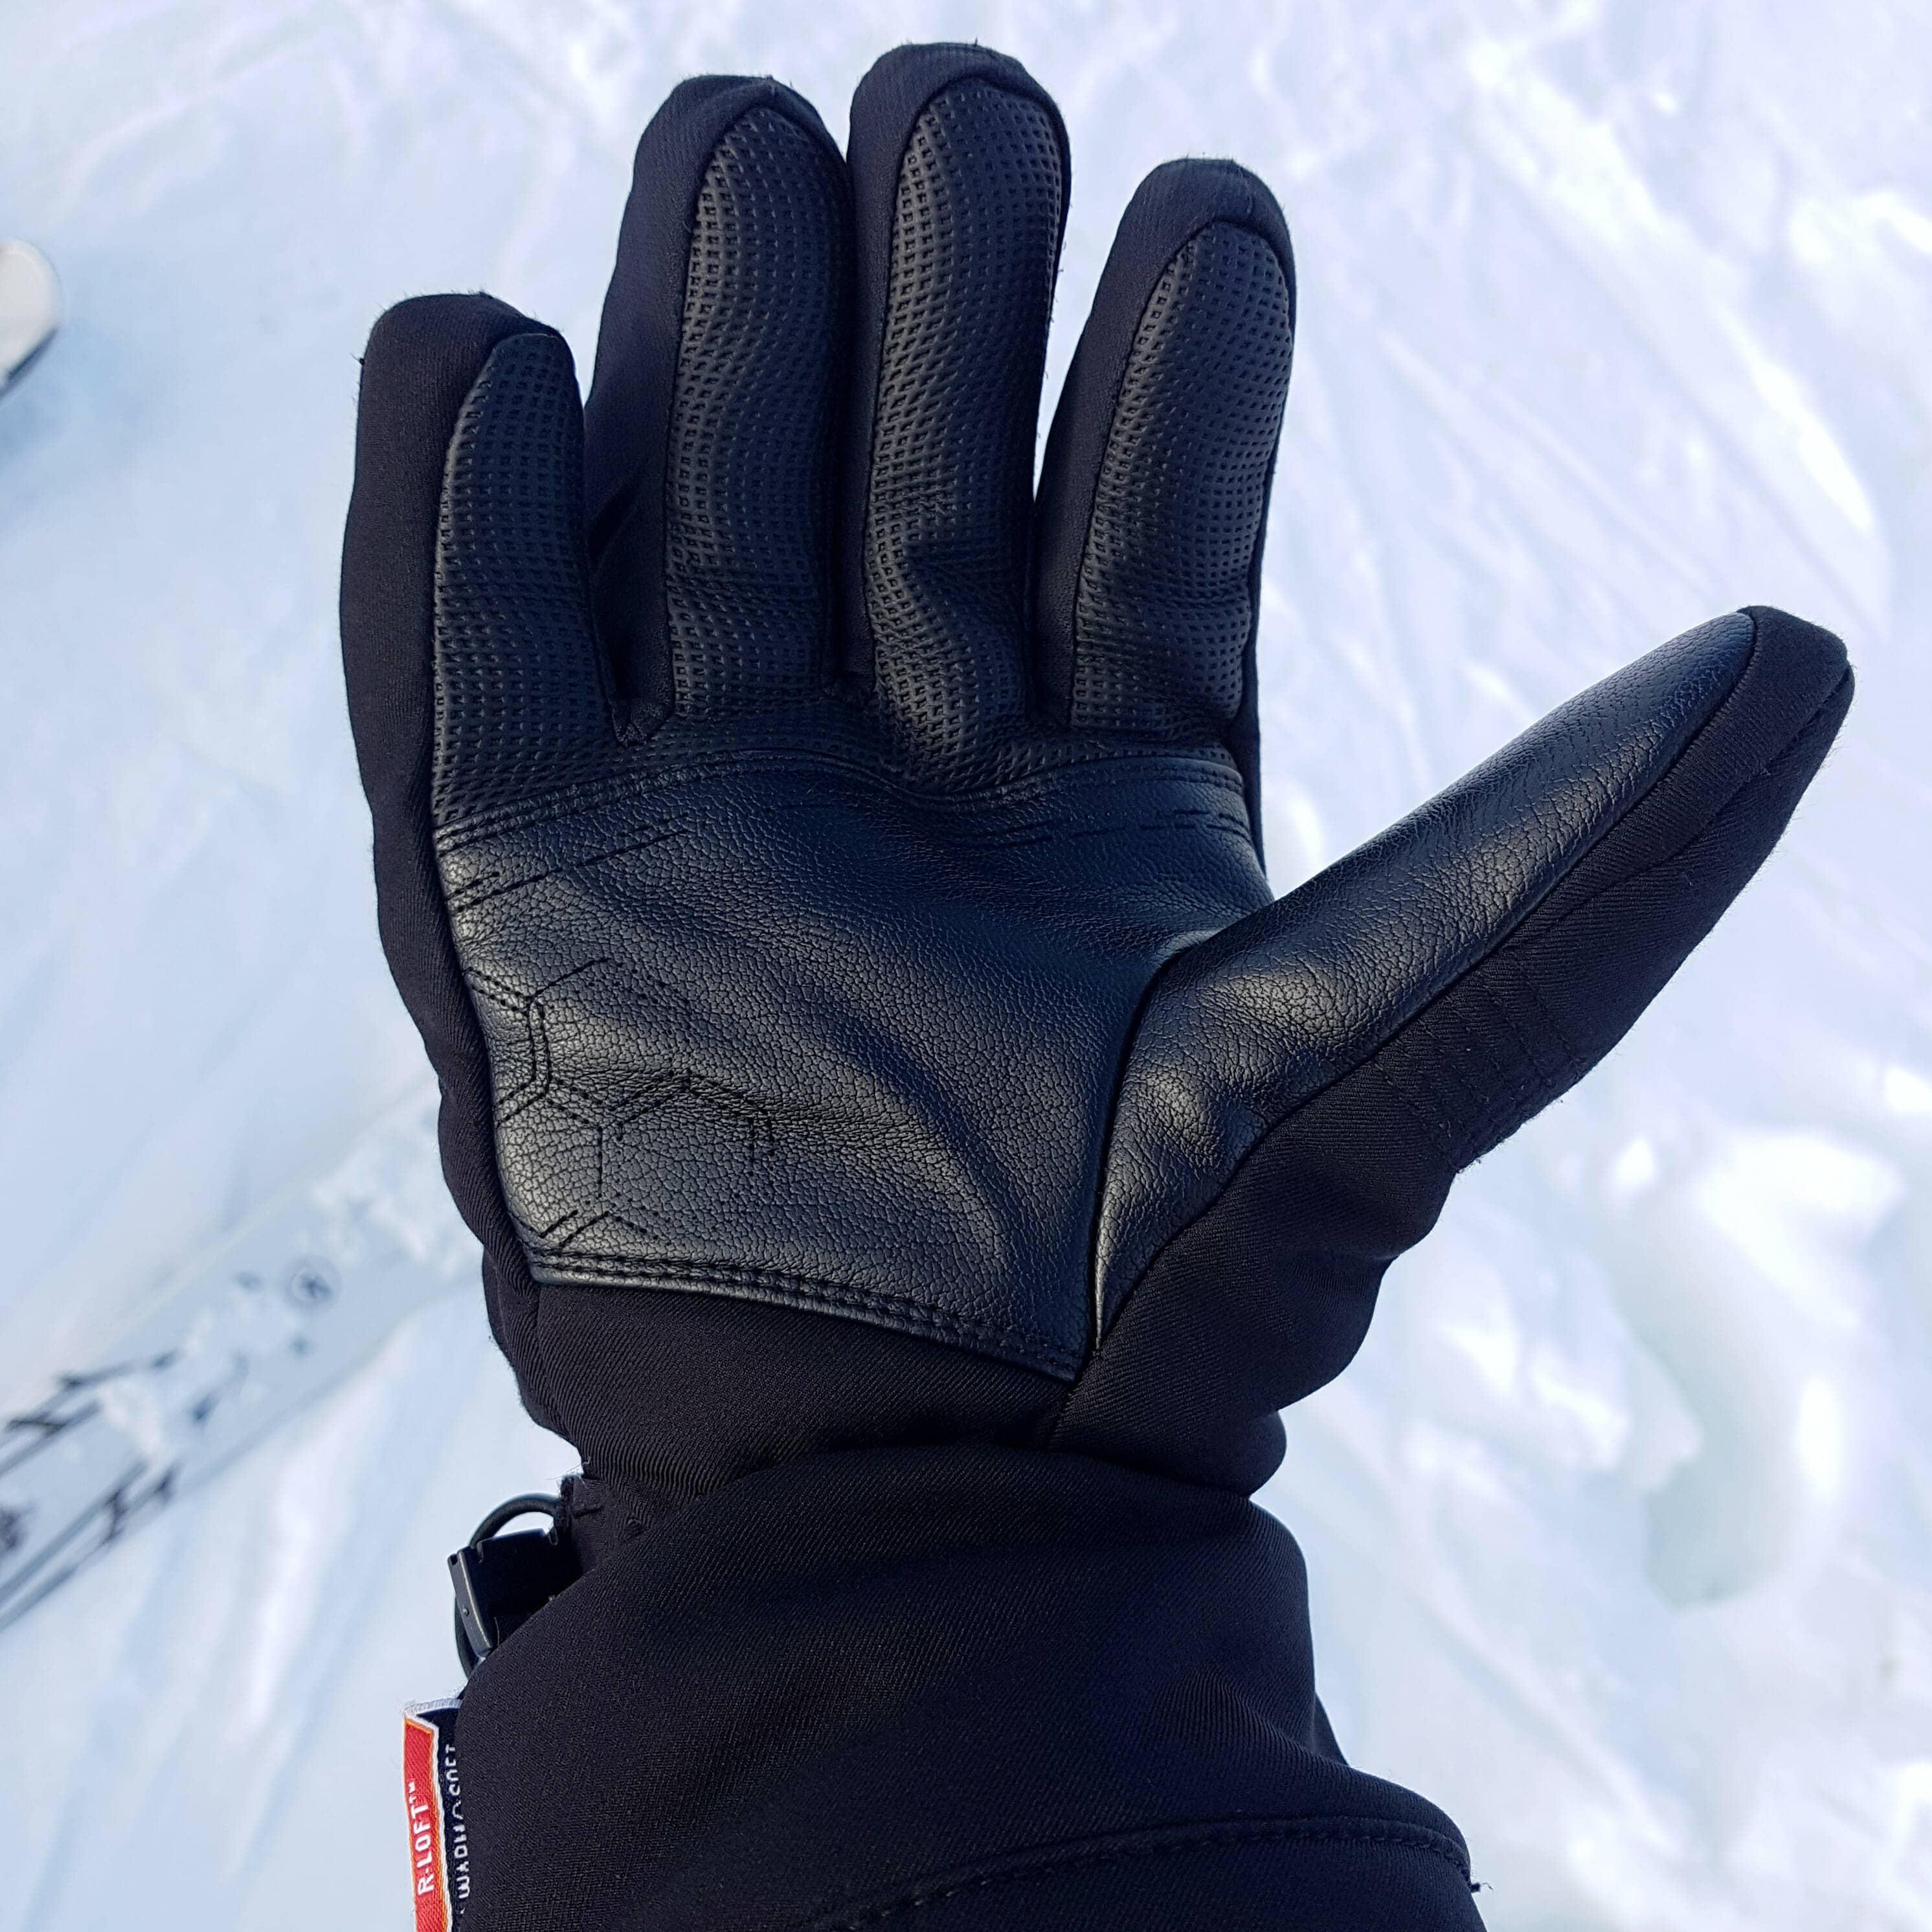 beste skihandschoenen met leren palm